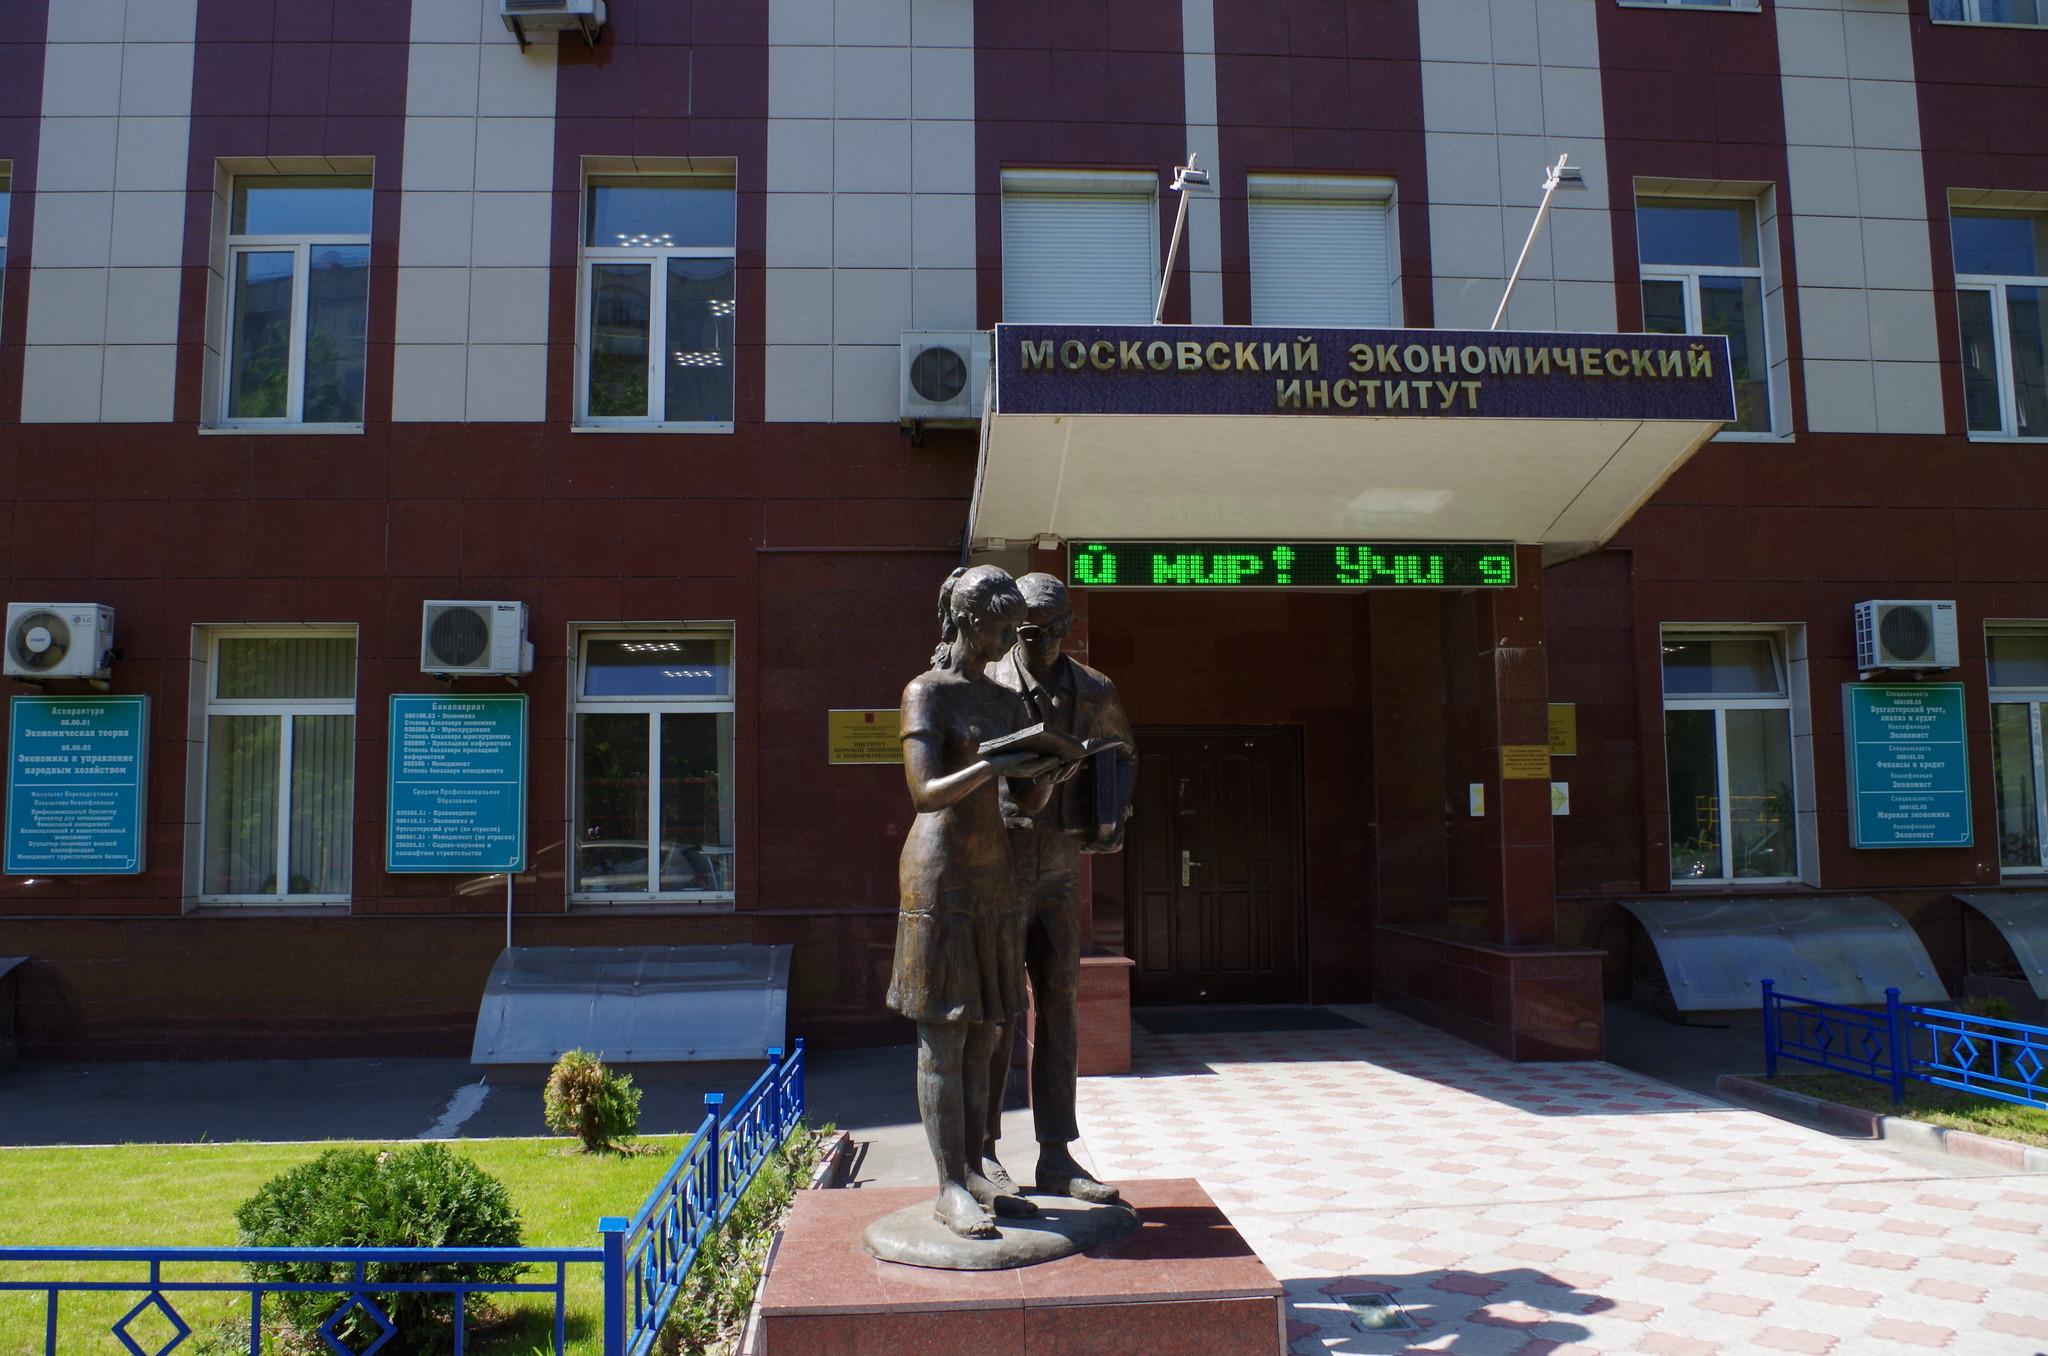 Памятник Шурику и Лиде установлен у входа в здание Московского экономического института